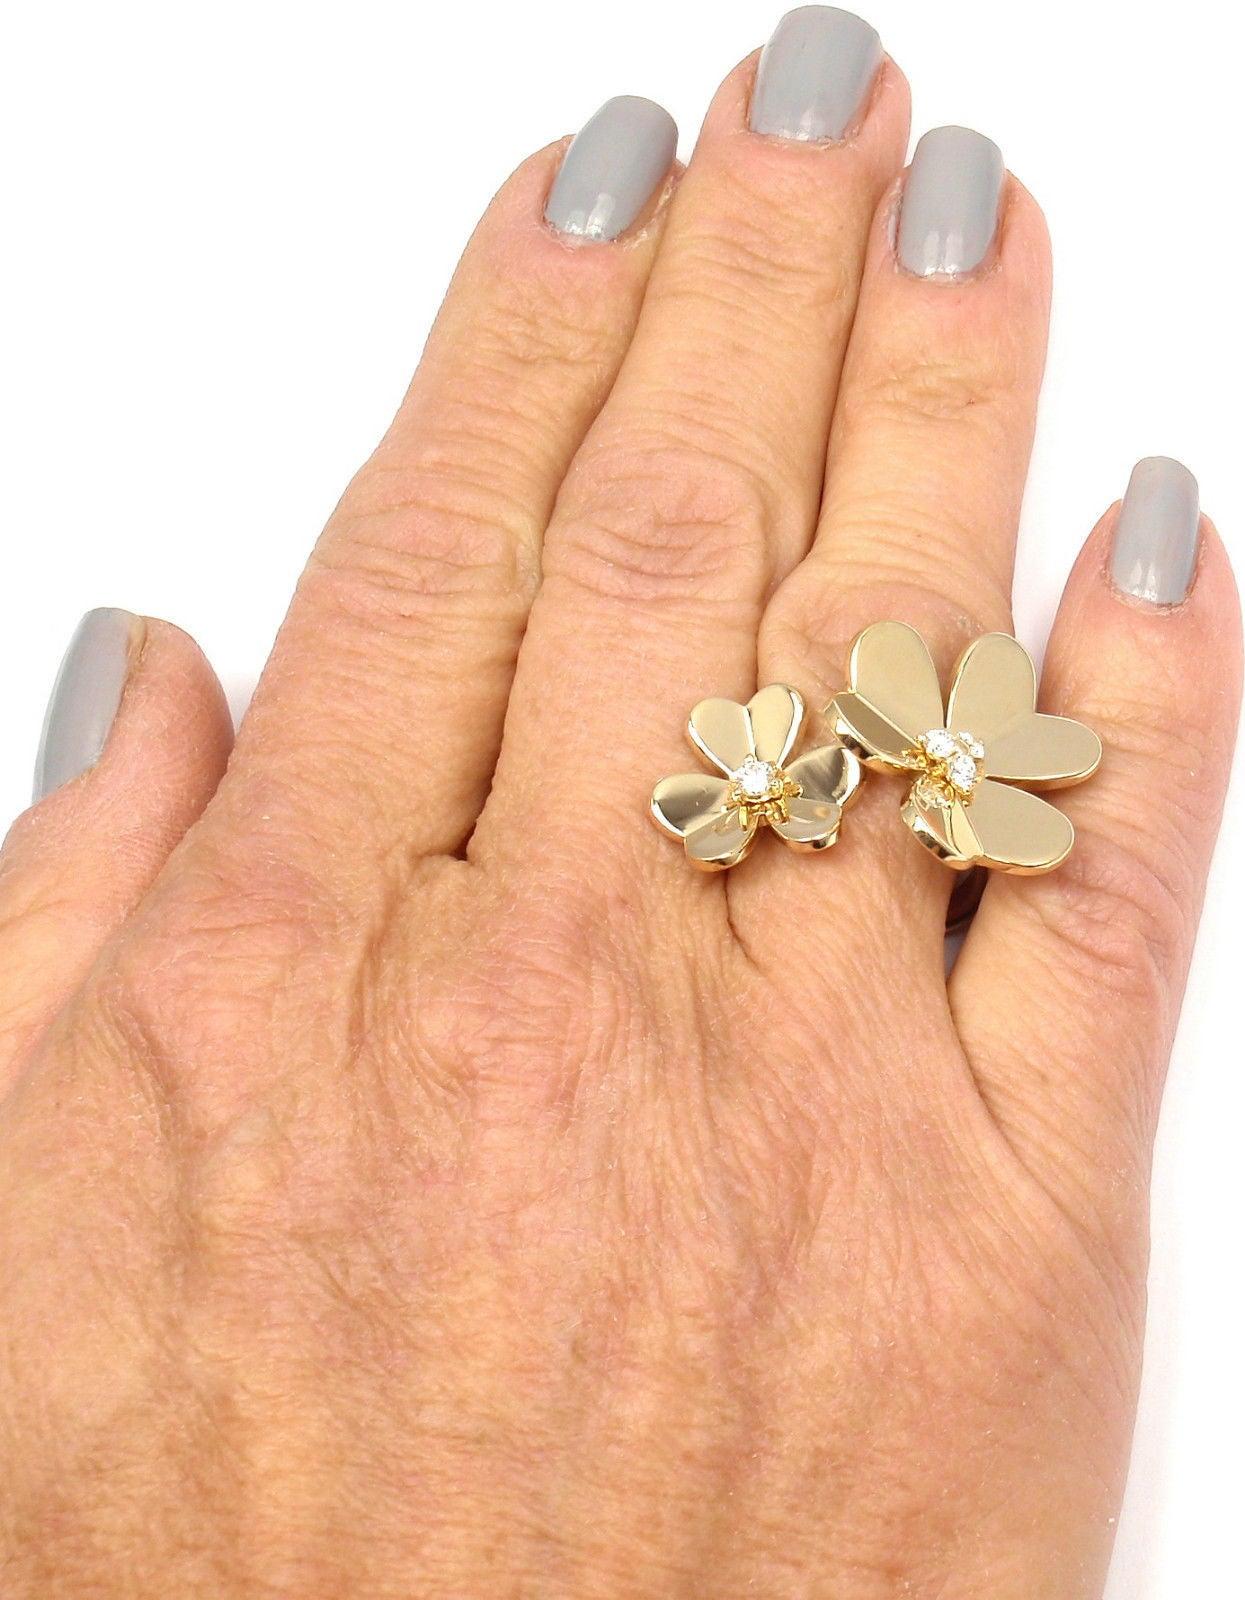 Origin Of Ring Finger